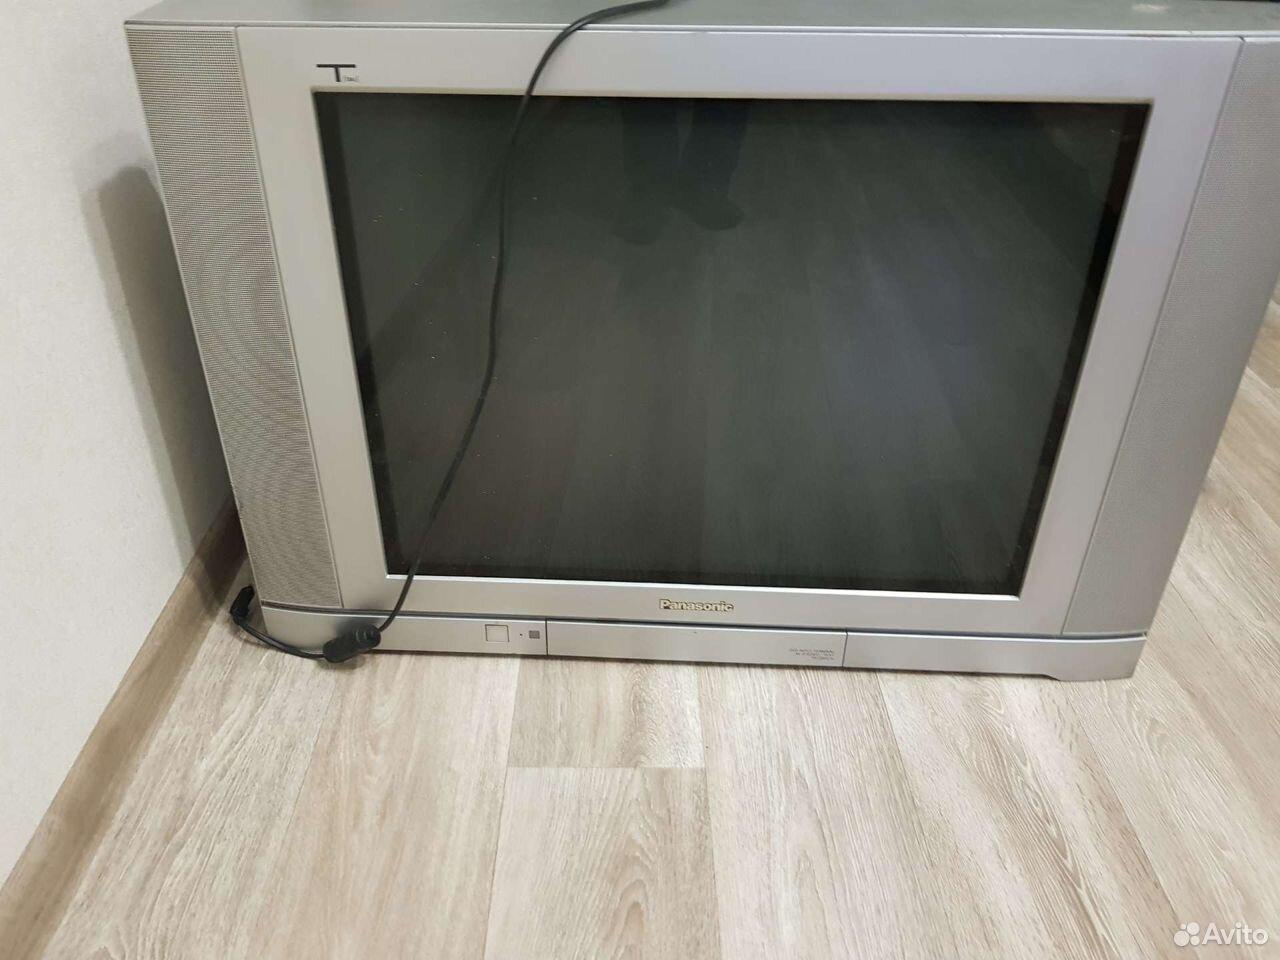 Продам телевизор Ранасоник  89828824378 купить 1